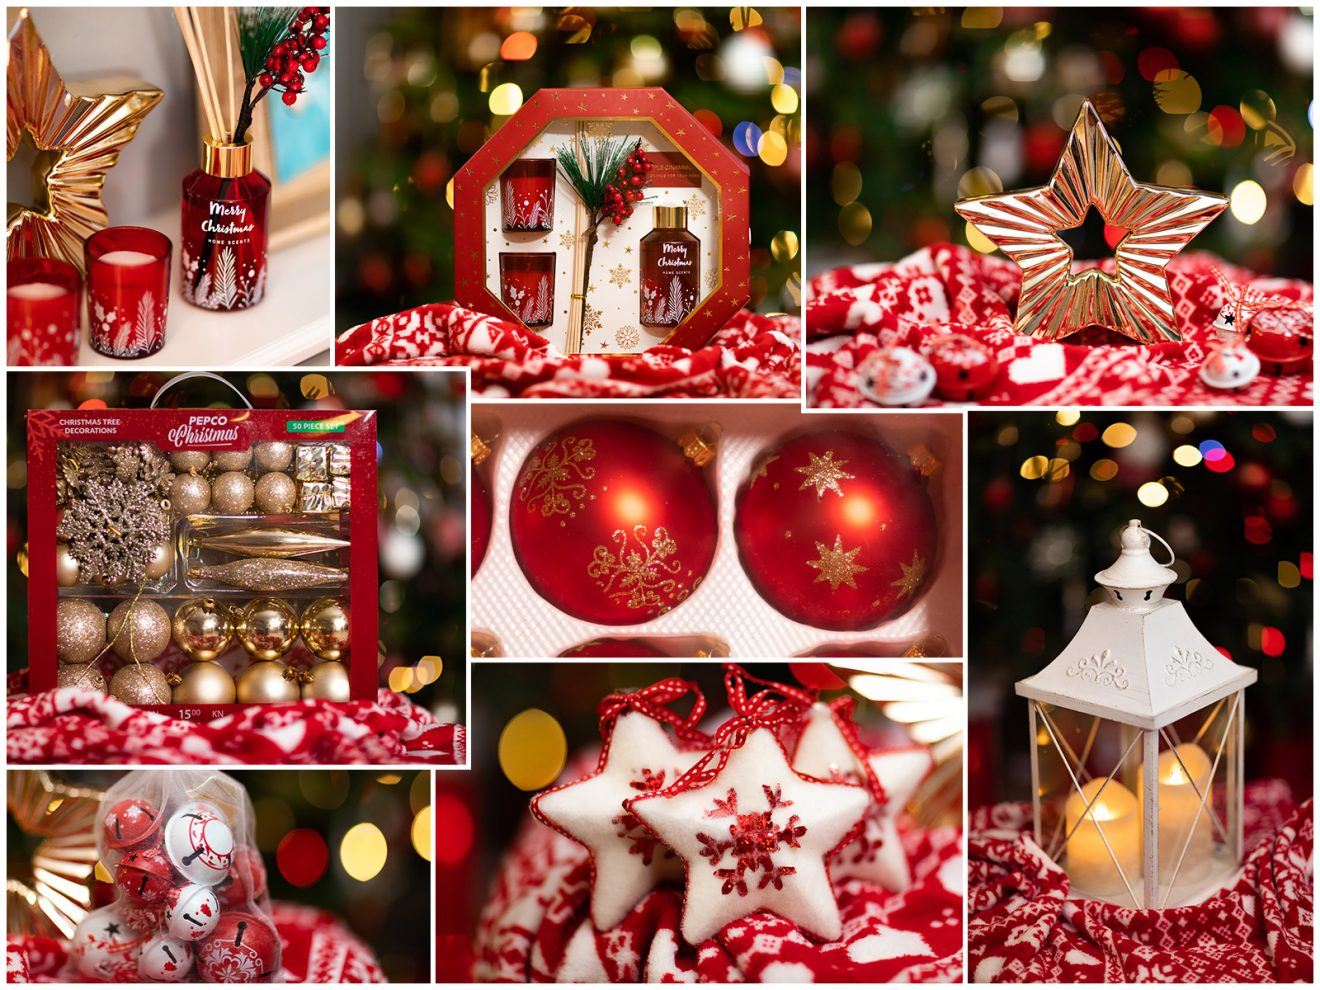 Piękne dekoracje świąteczne po 15 zł średnio! 😍🎄